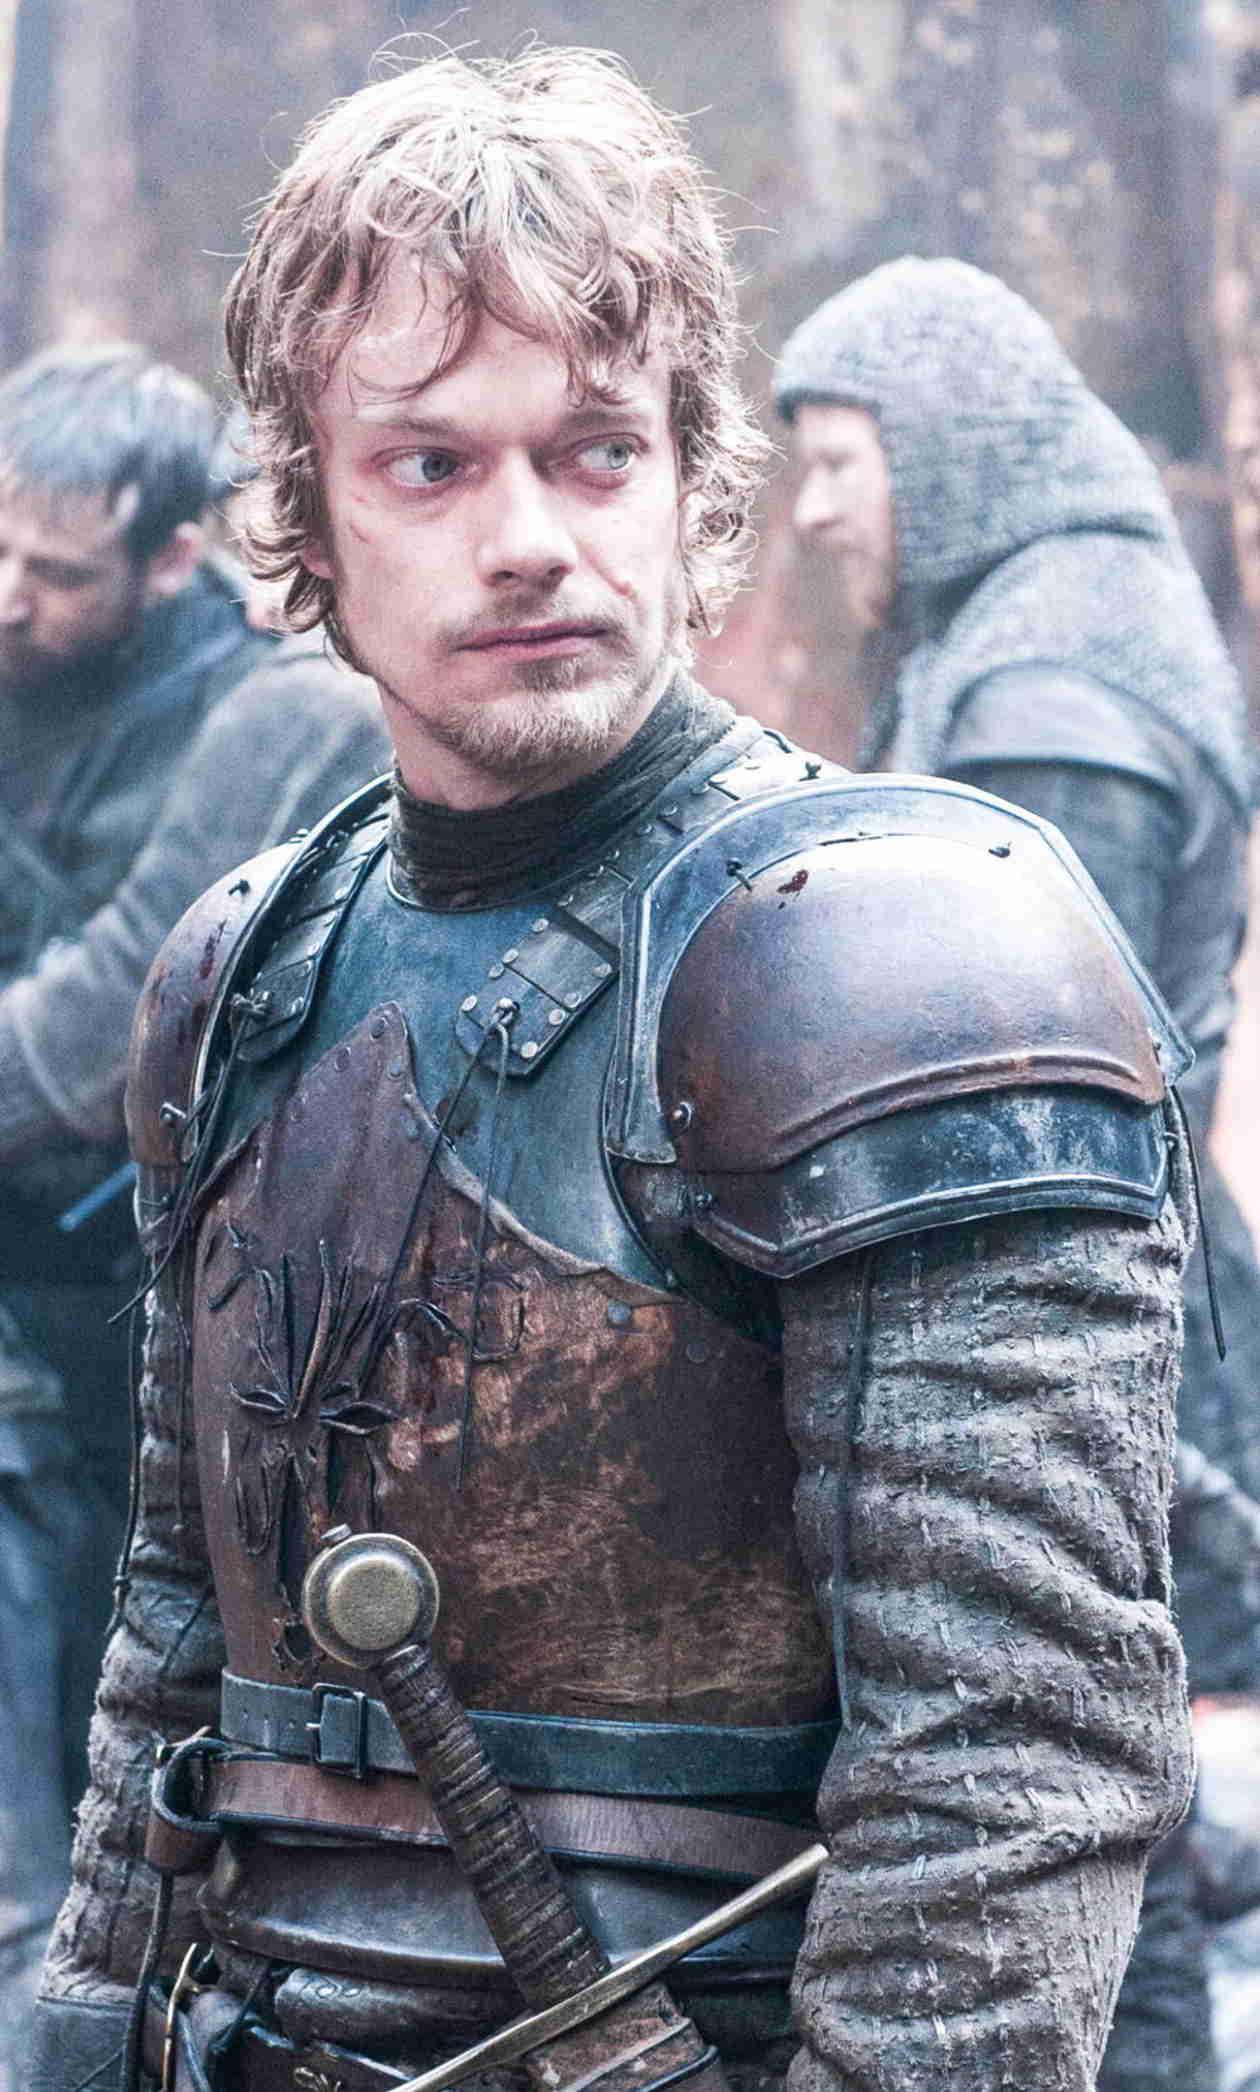 Game of Thrones Season 5 Spoilers: Does Theon Greyjoy Die?